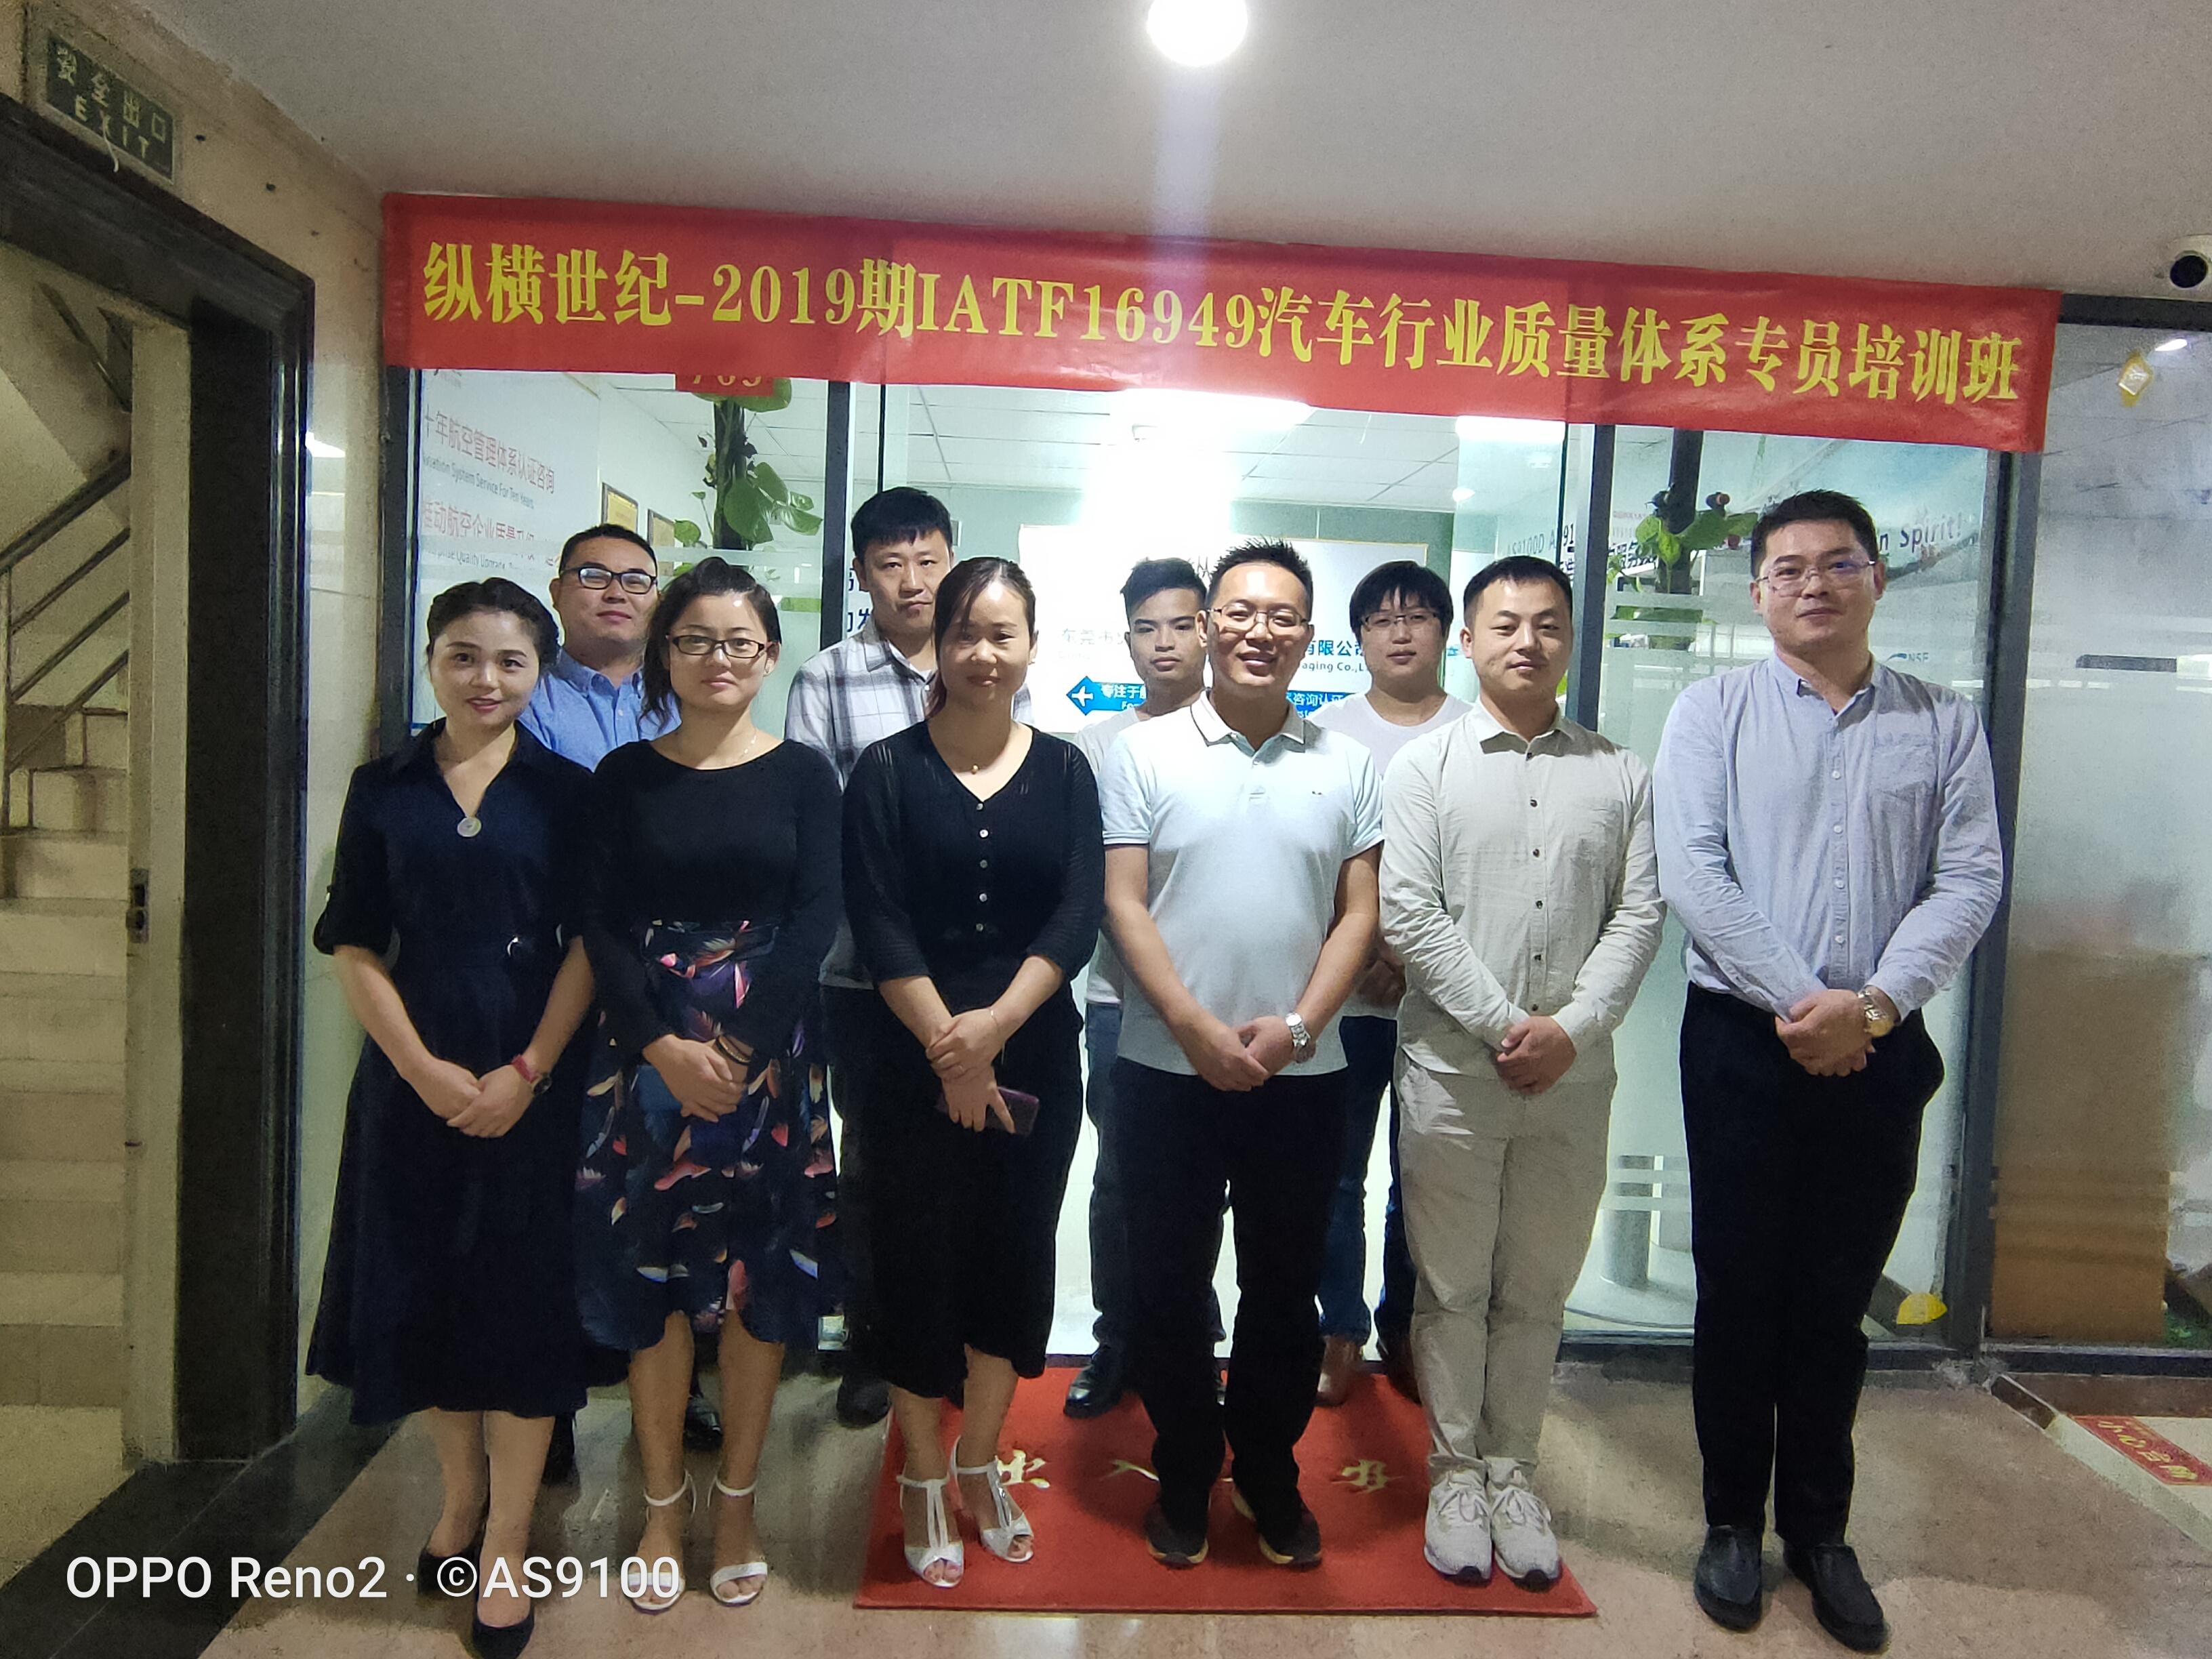 2019年11月3日中国首创IATF16949汽车行业质量管理体系专员培训开班